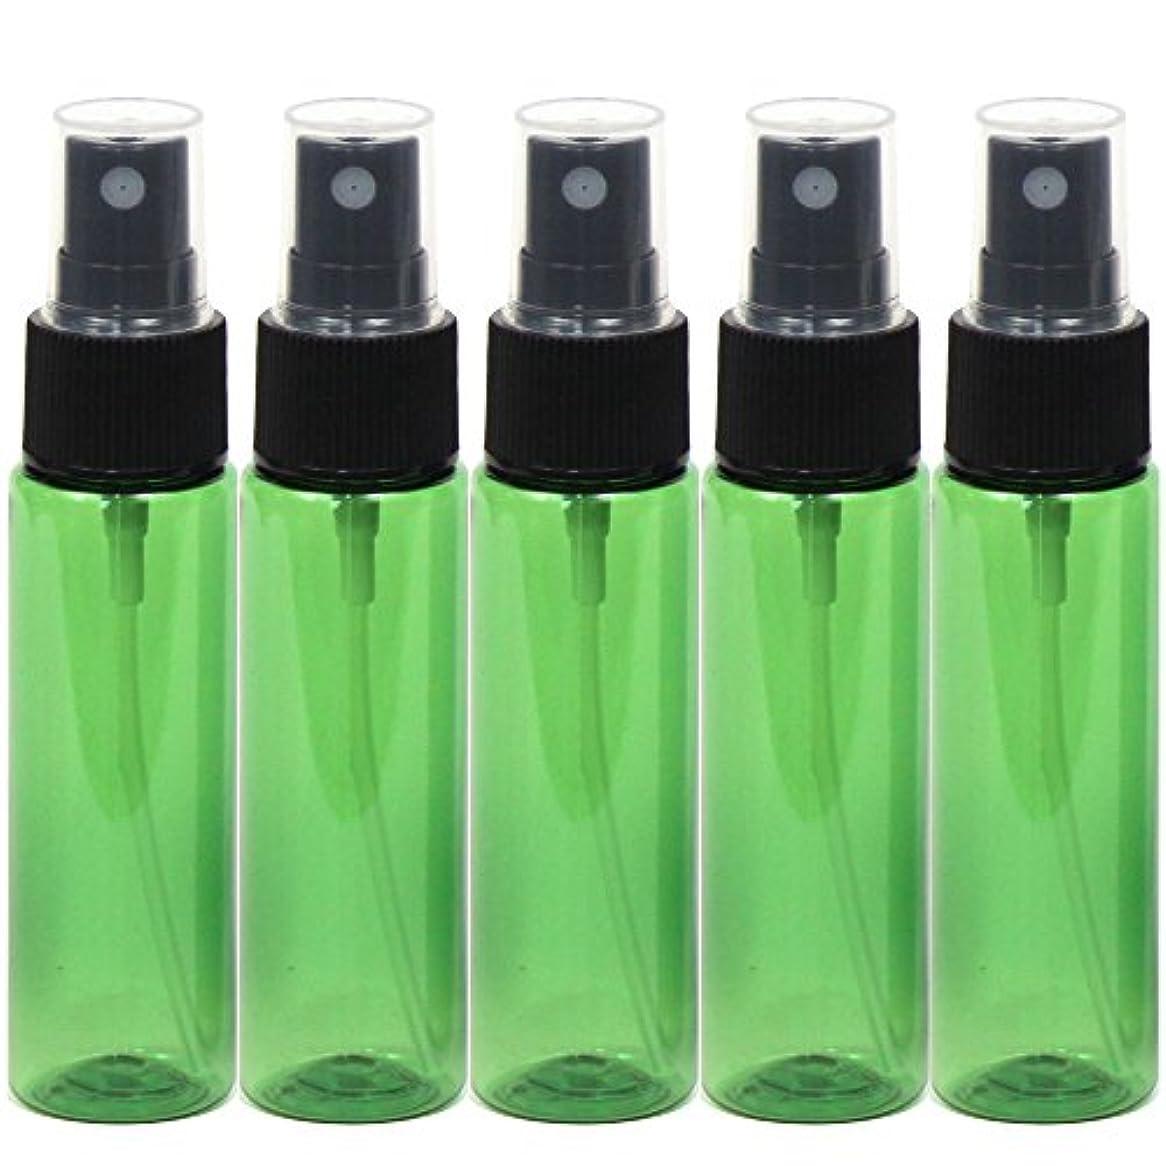 聞きますランタンハイキングに行くスプレーボトル 30mL グリーン 5本セット 遮光性 おしゃれ空容器gr30-5